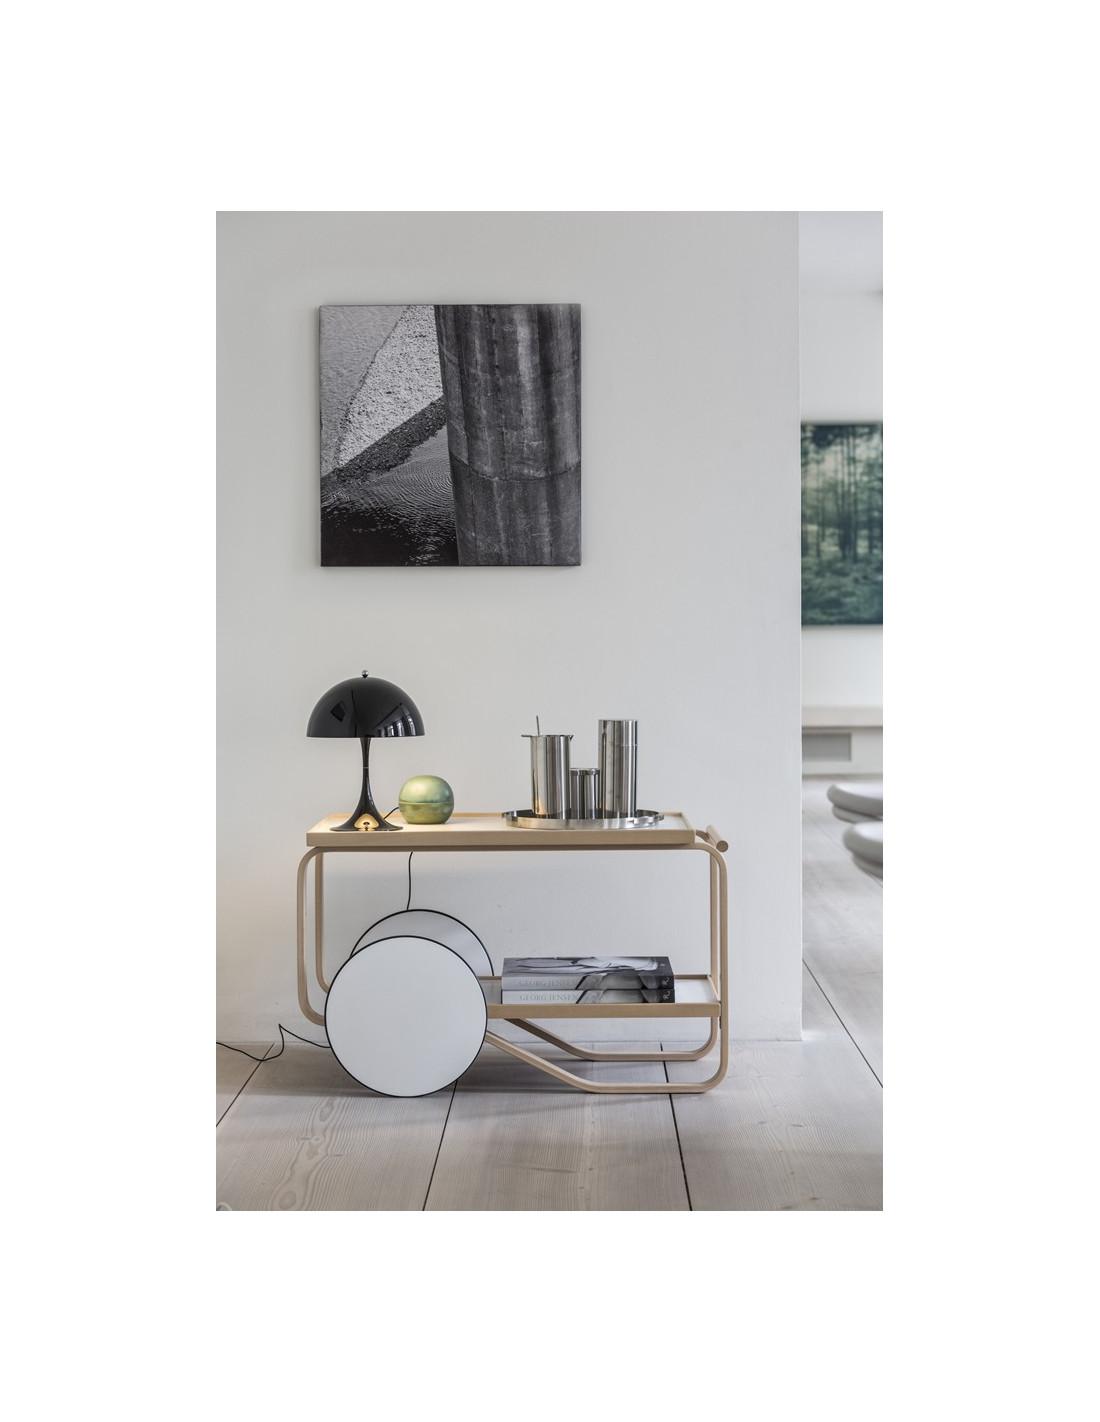 lampe de table mini panthella verner panton pour louis poulsen. Black Bedroom Furniture Sets. Home Design Ideas